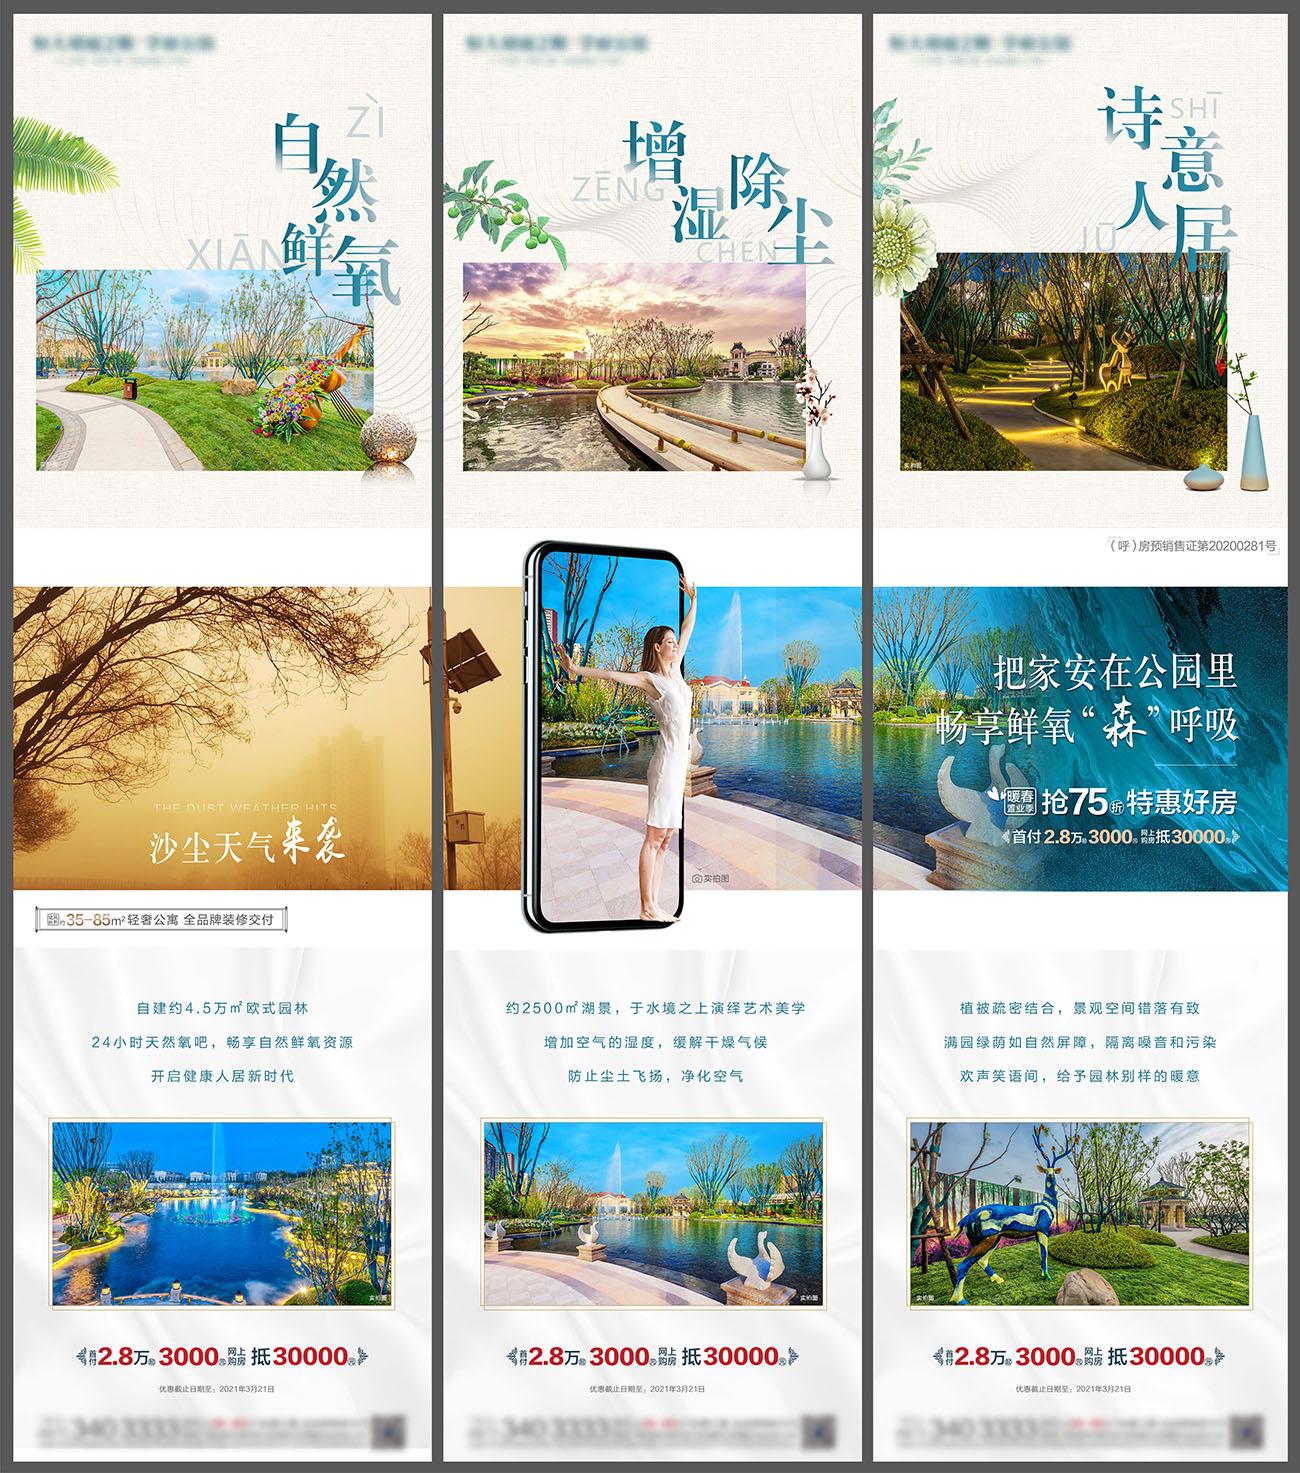 地产园林价值三宫格海报PSD源文件插图